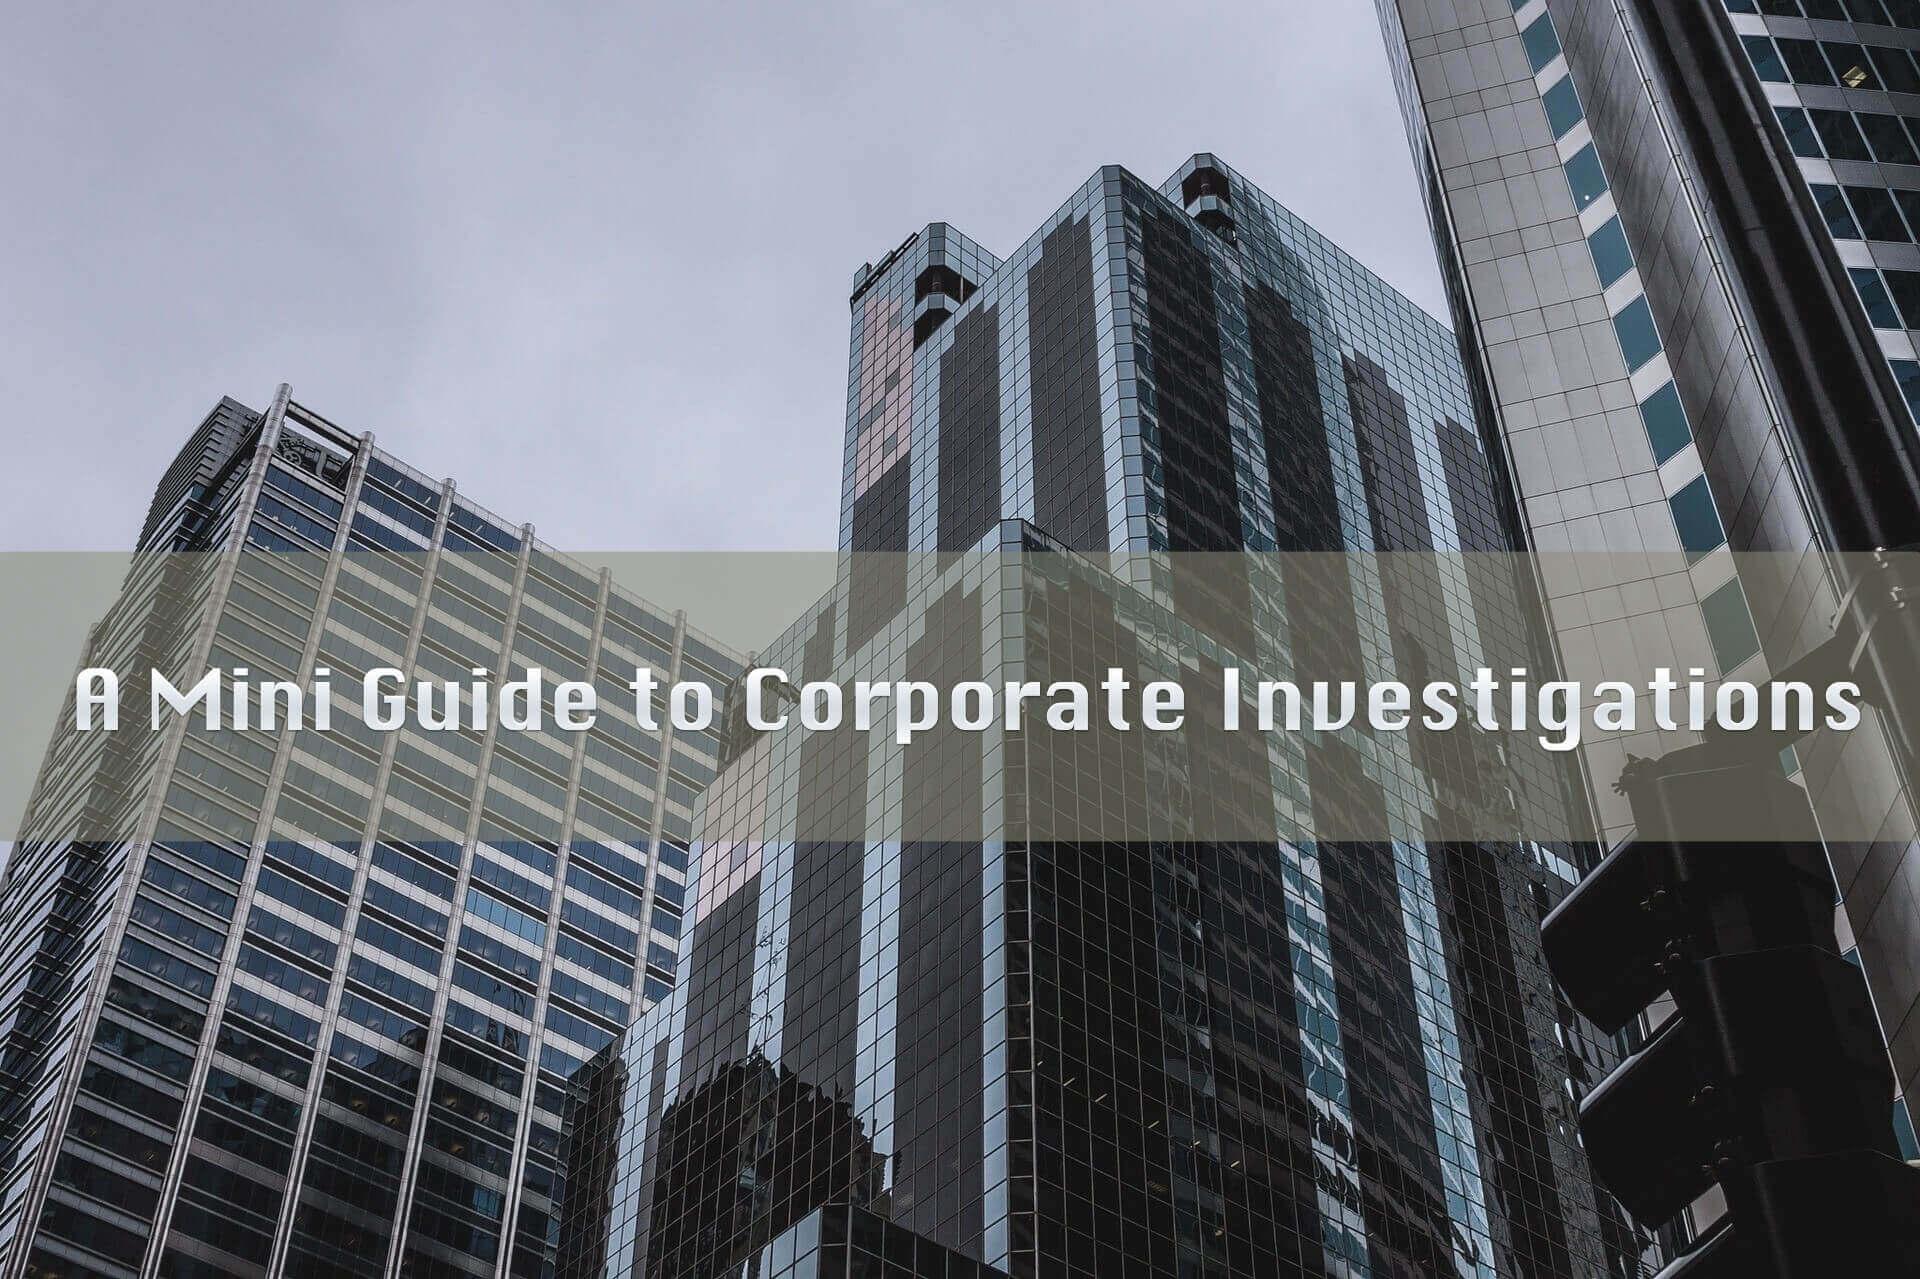 Mini Guide to Corporate Investigations Graphic